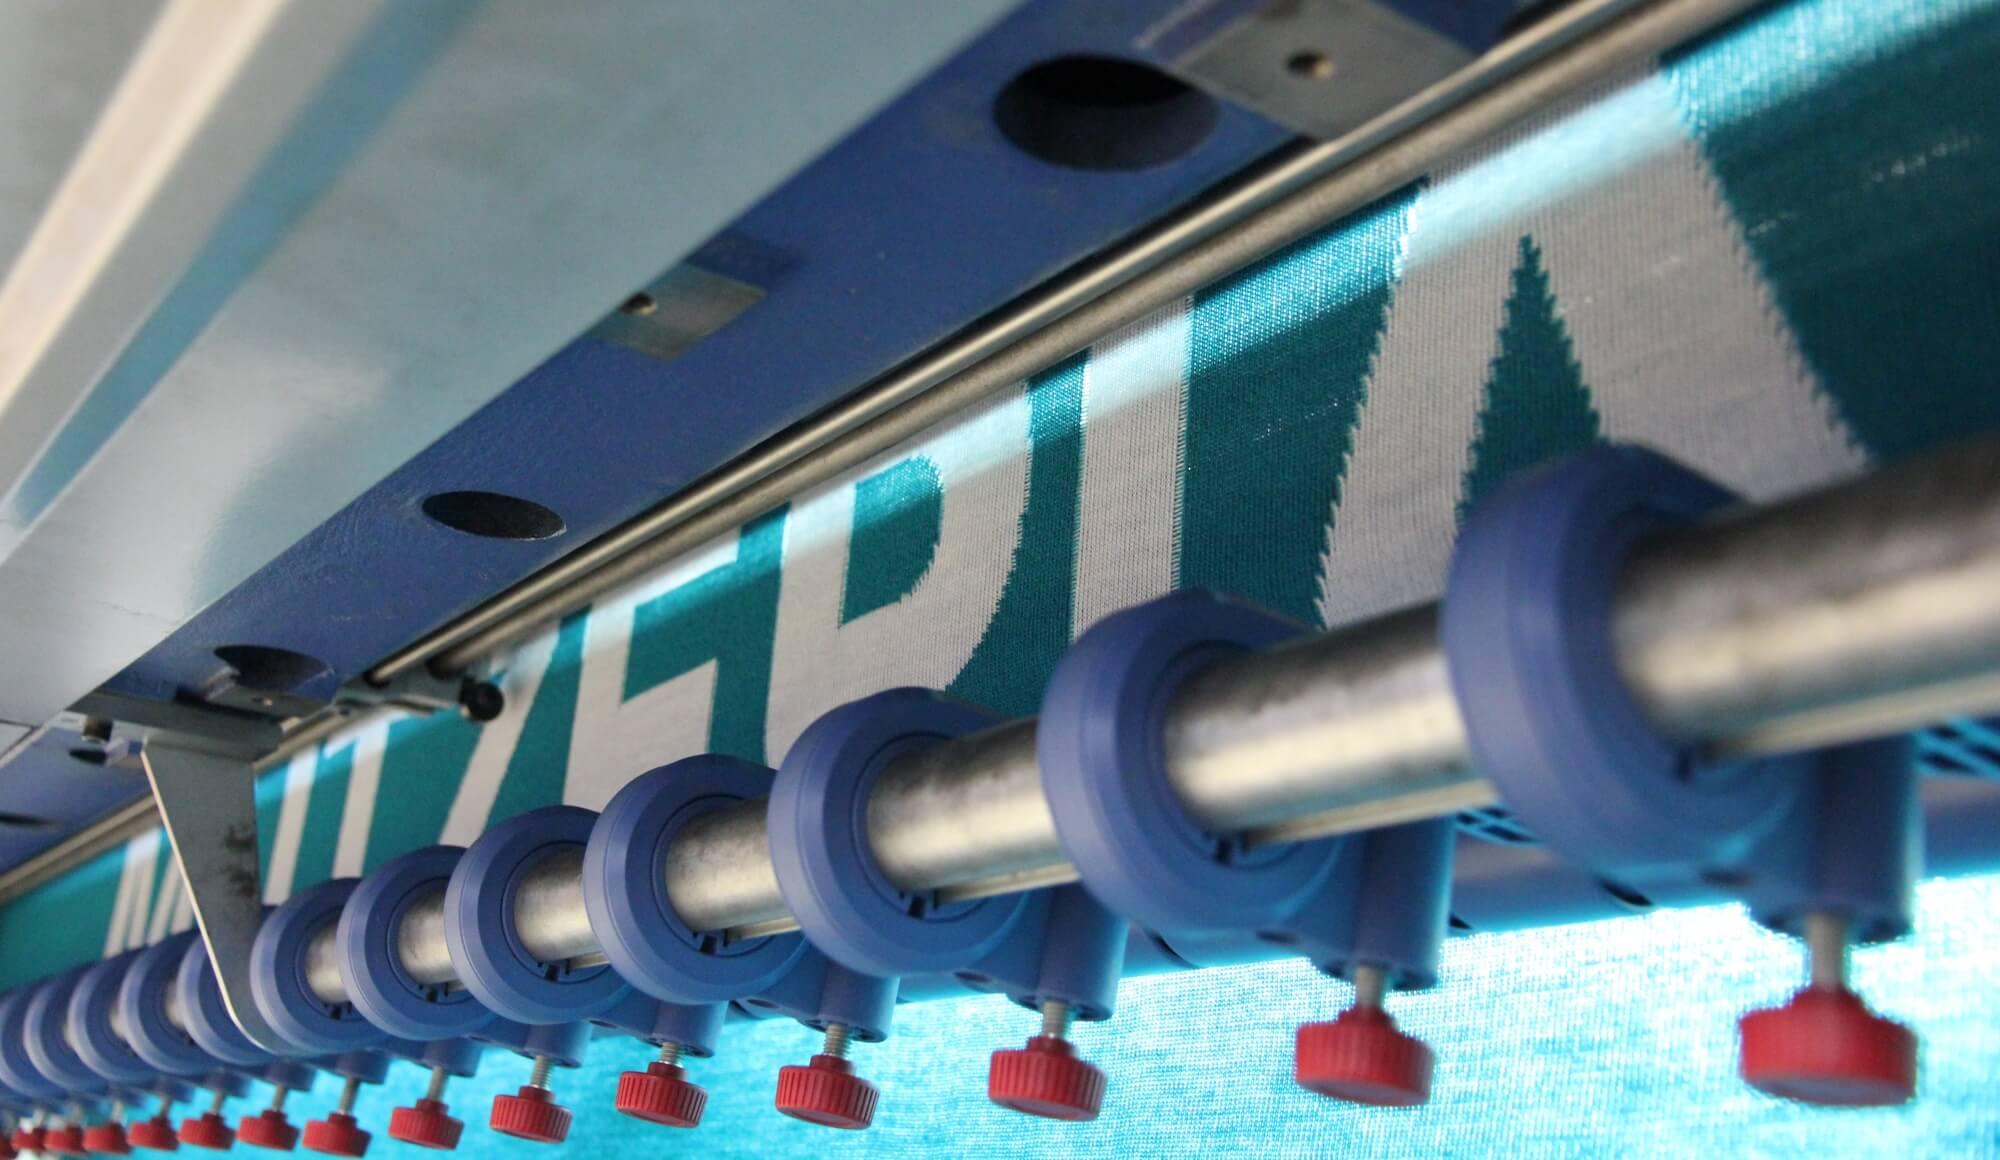 Nahaufnahme des MÜTZERIA-Schriftzugs in der Strickmaschine